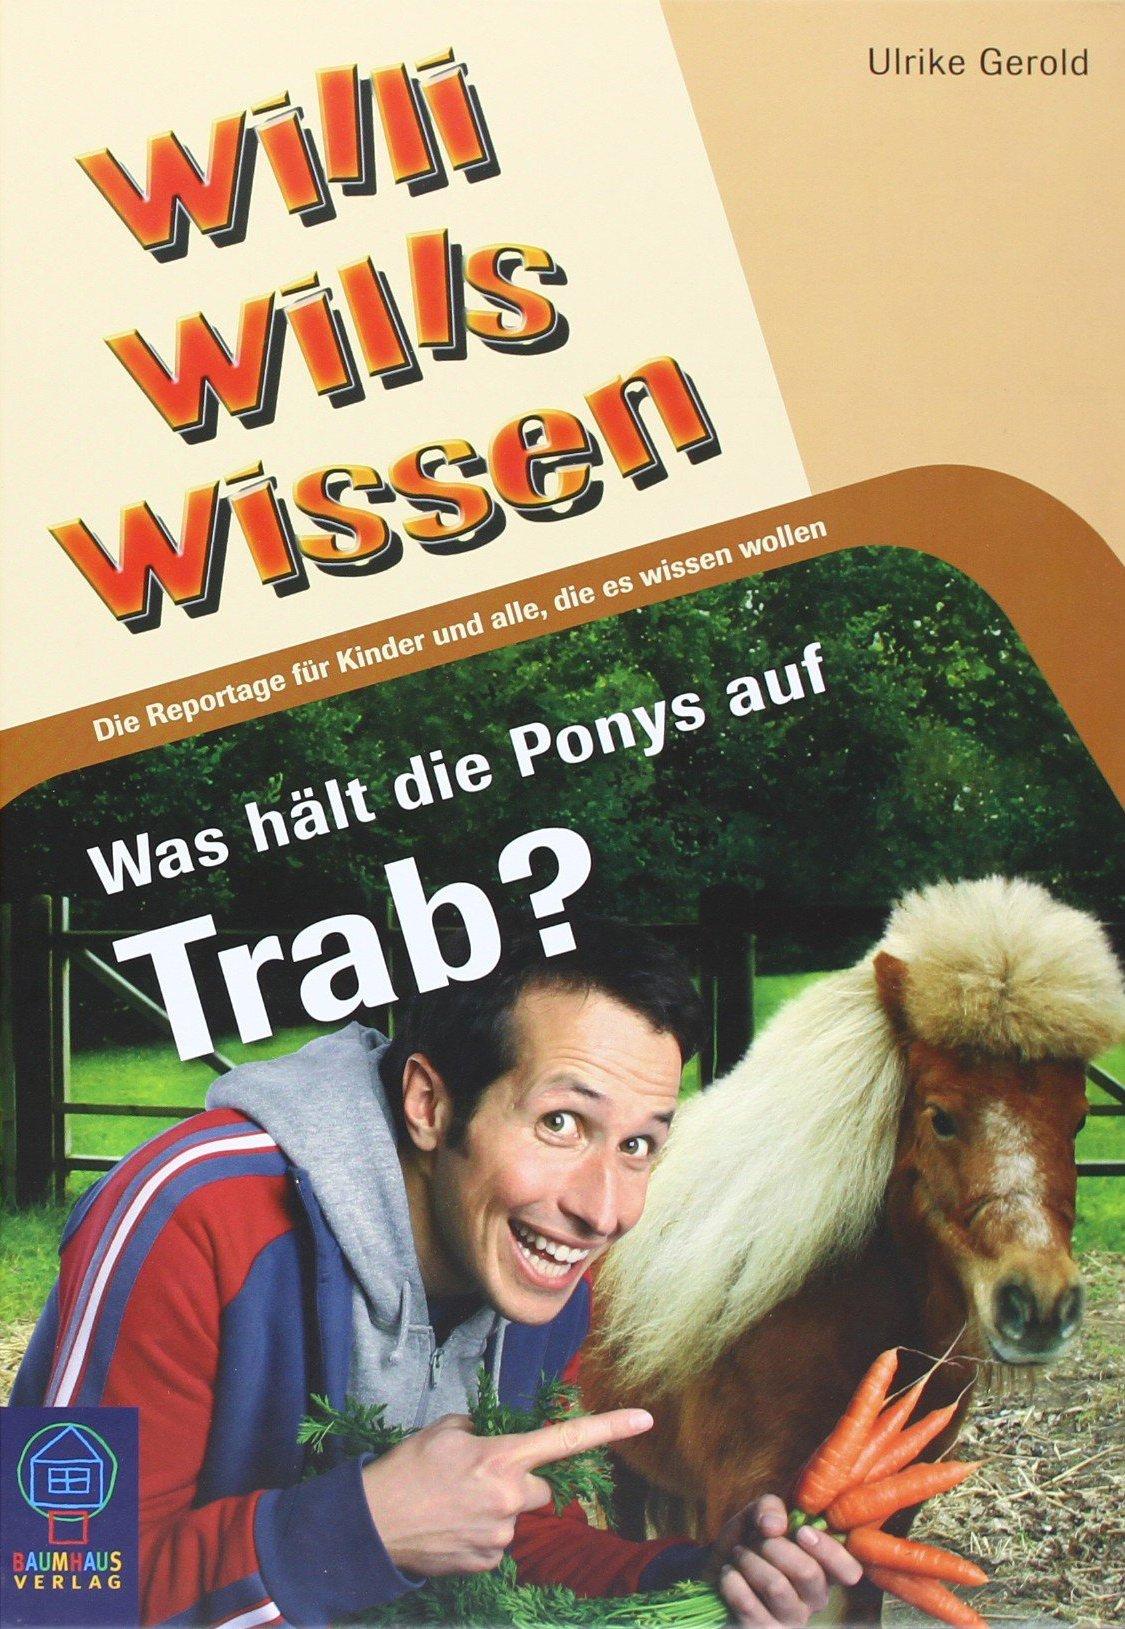 Willi wills wissen 6: Was hält die Ponys auf Trab?